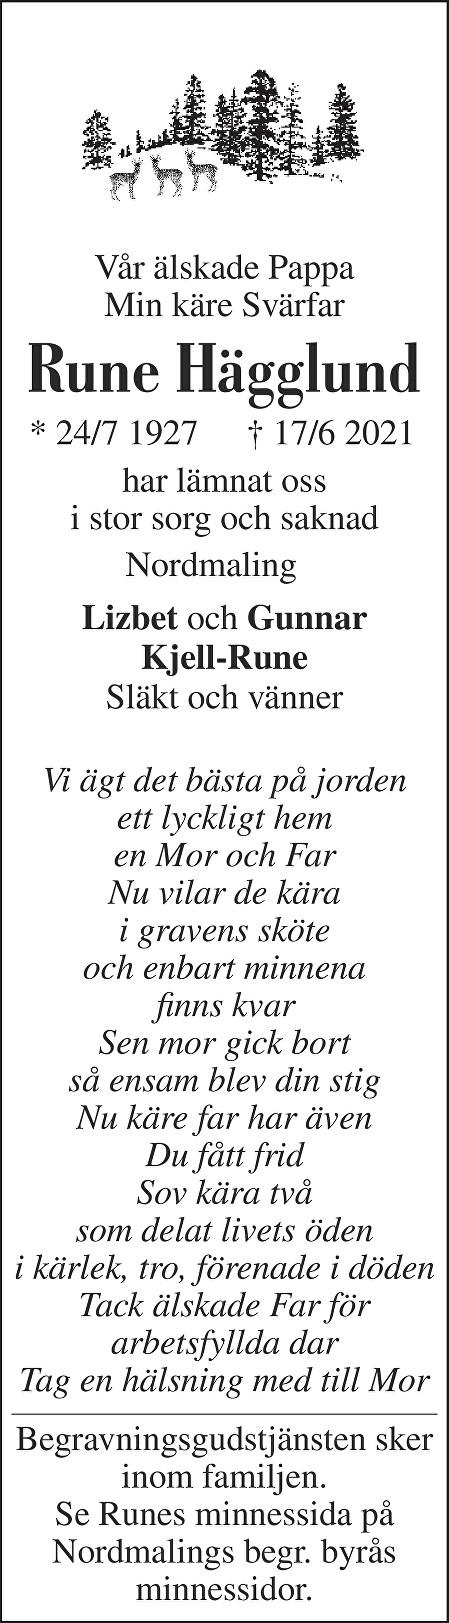 Rune Hägglund Death notice